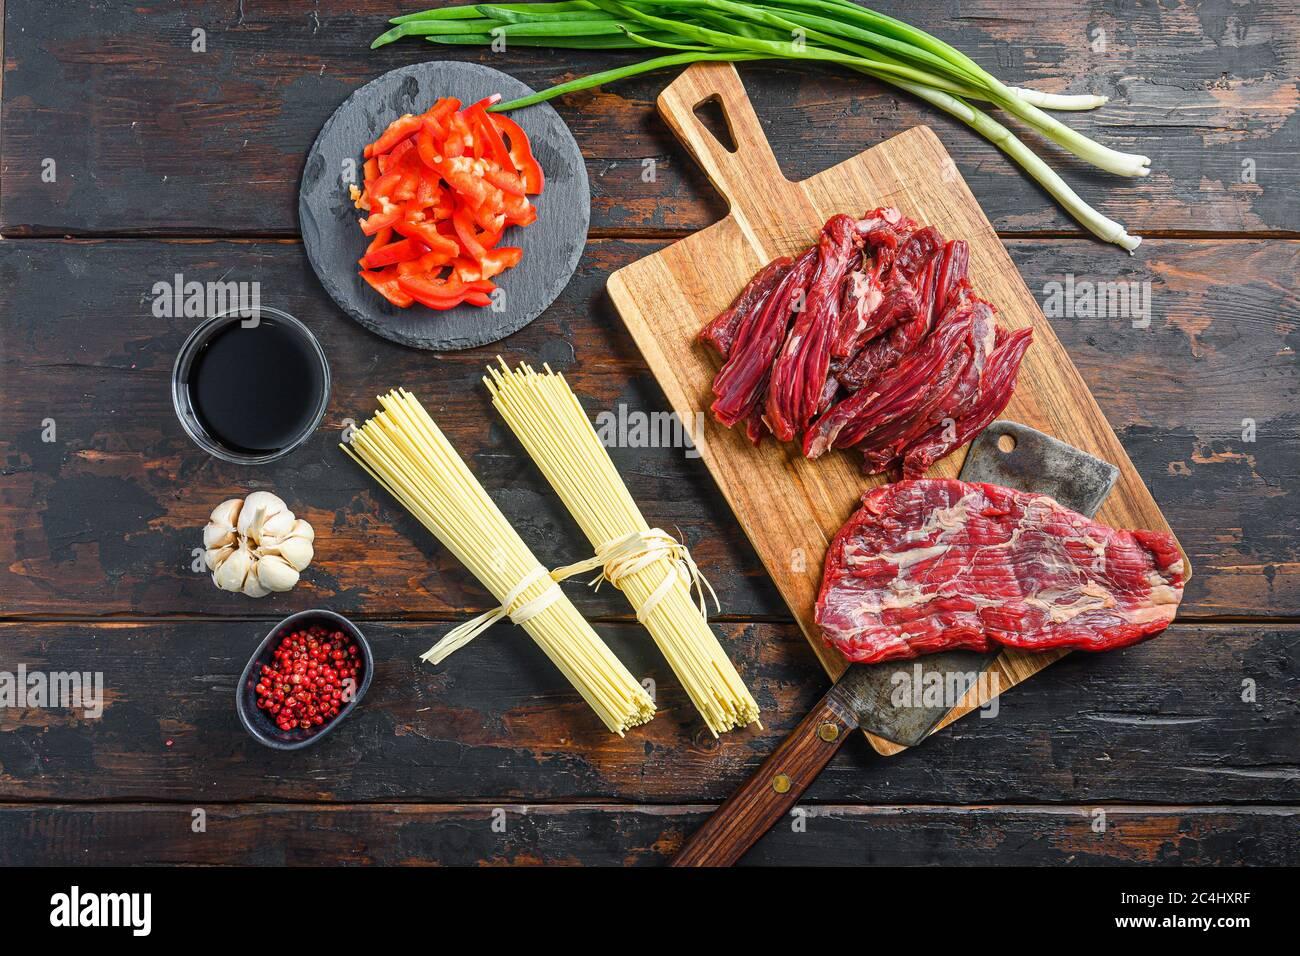 Ingrédients de cuisson pour les nouilles sautées avec légumes et bœuf . Steak et nouilles à la machette sur fond de bois Banque D'Images